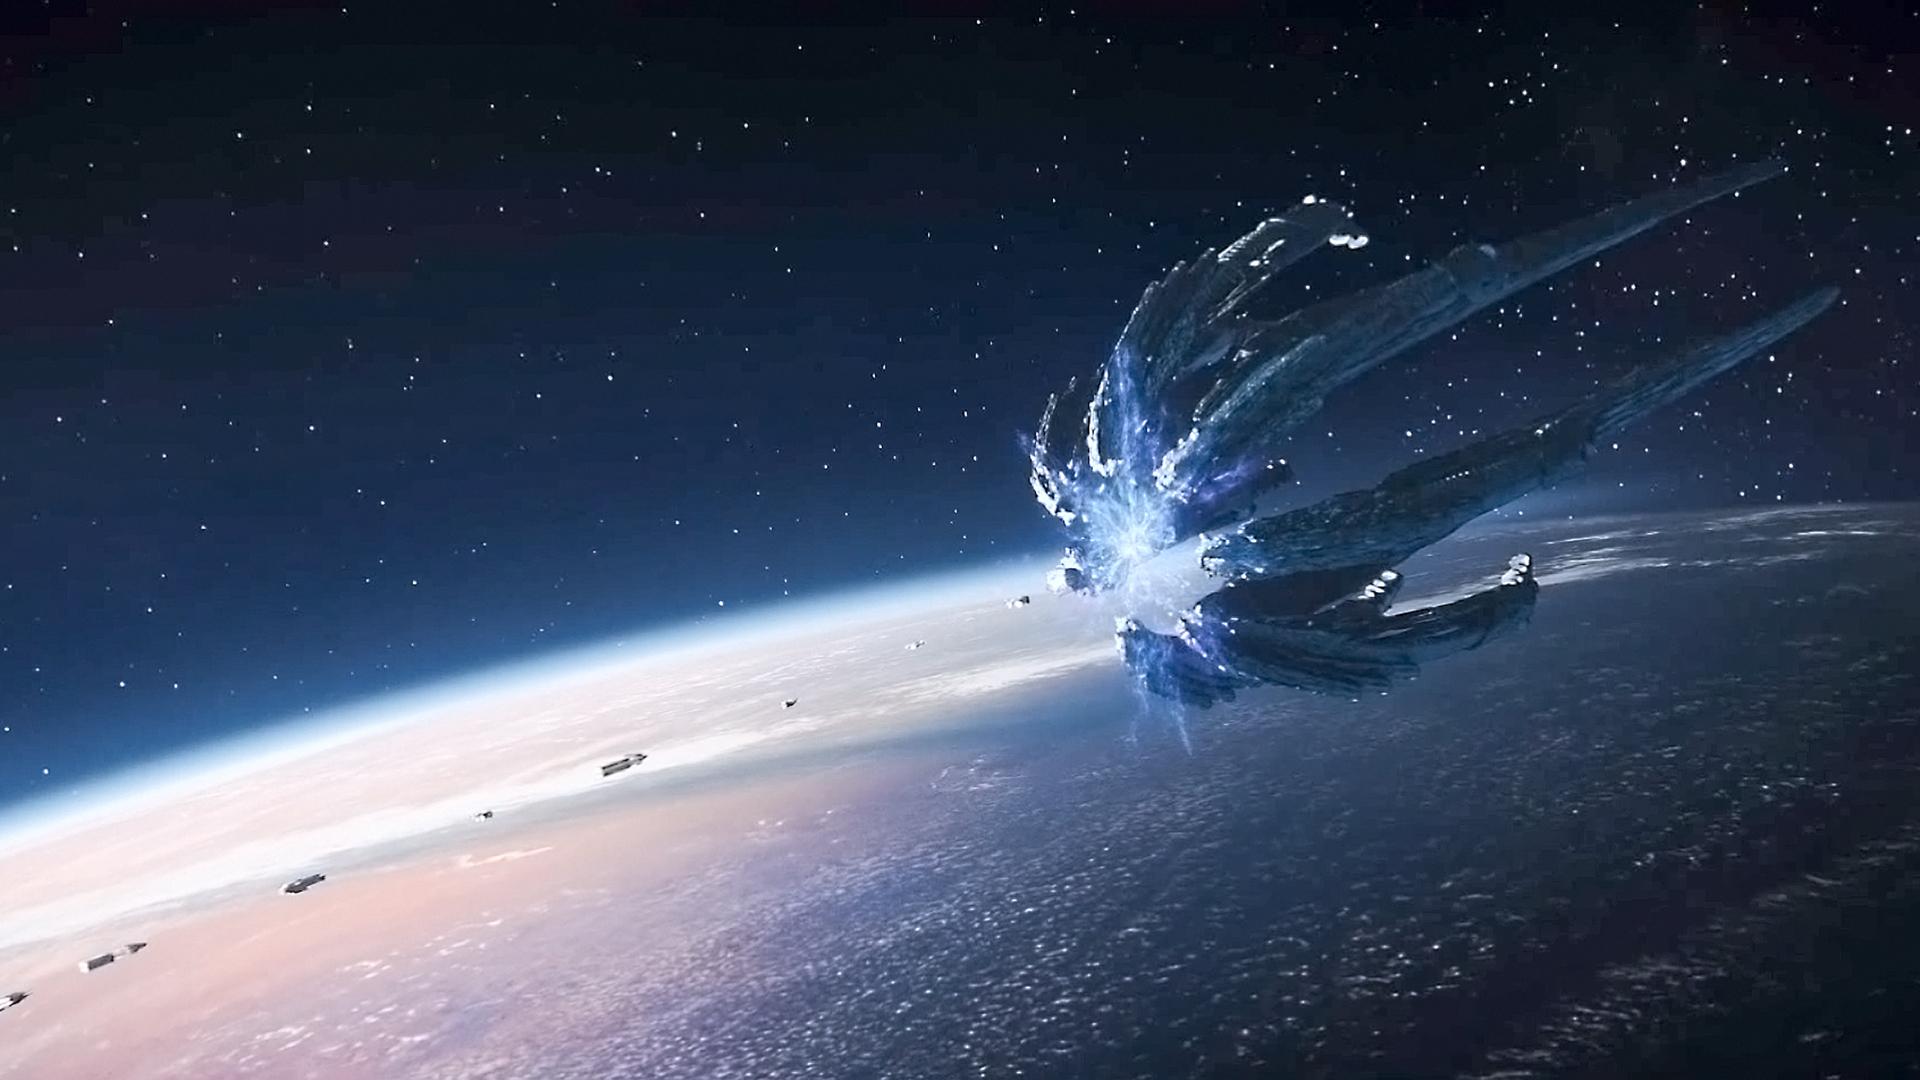 口碑炸裂的科幻神作,全程都是炫酷特效,20万人给了5星好评!